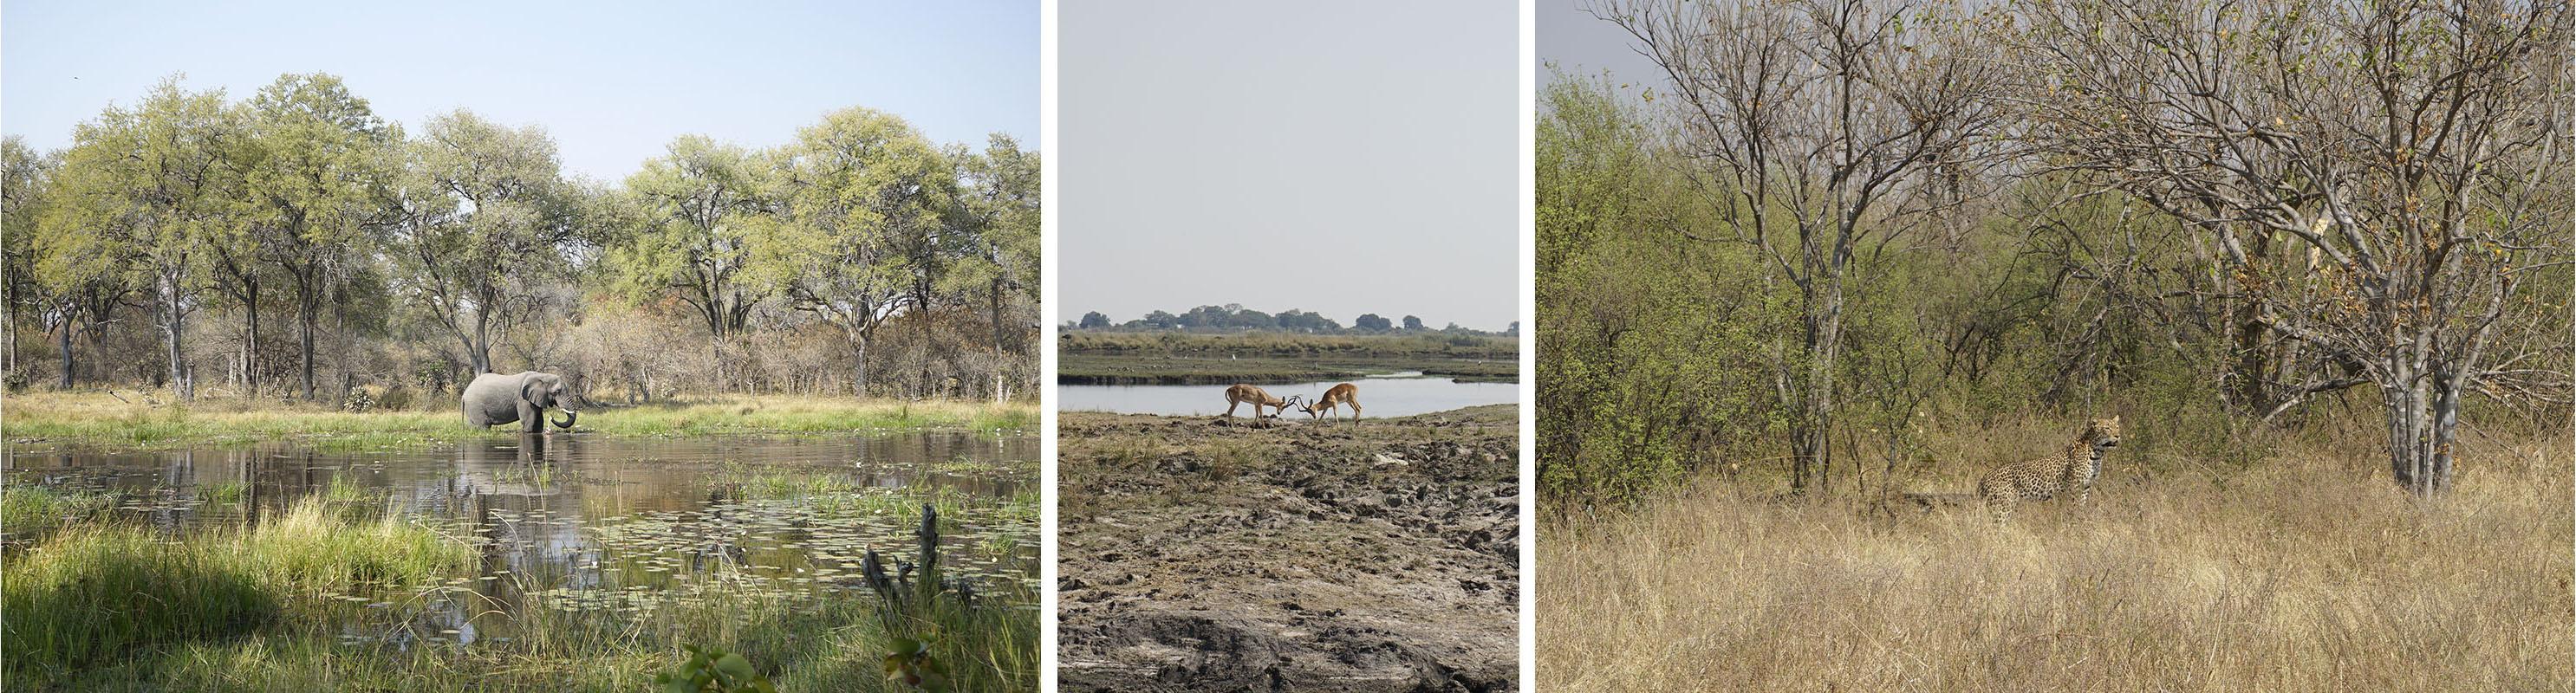 012-botswana-okavango-paolo-cardinali